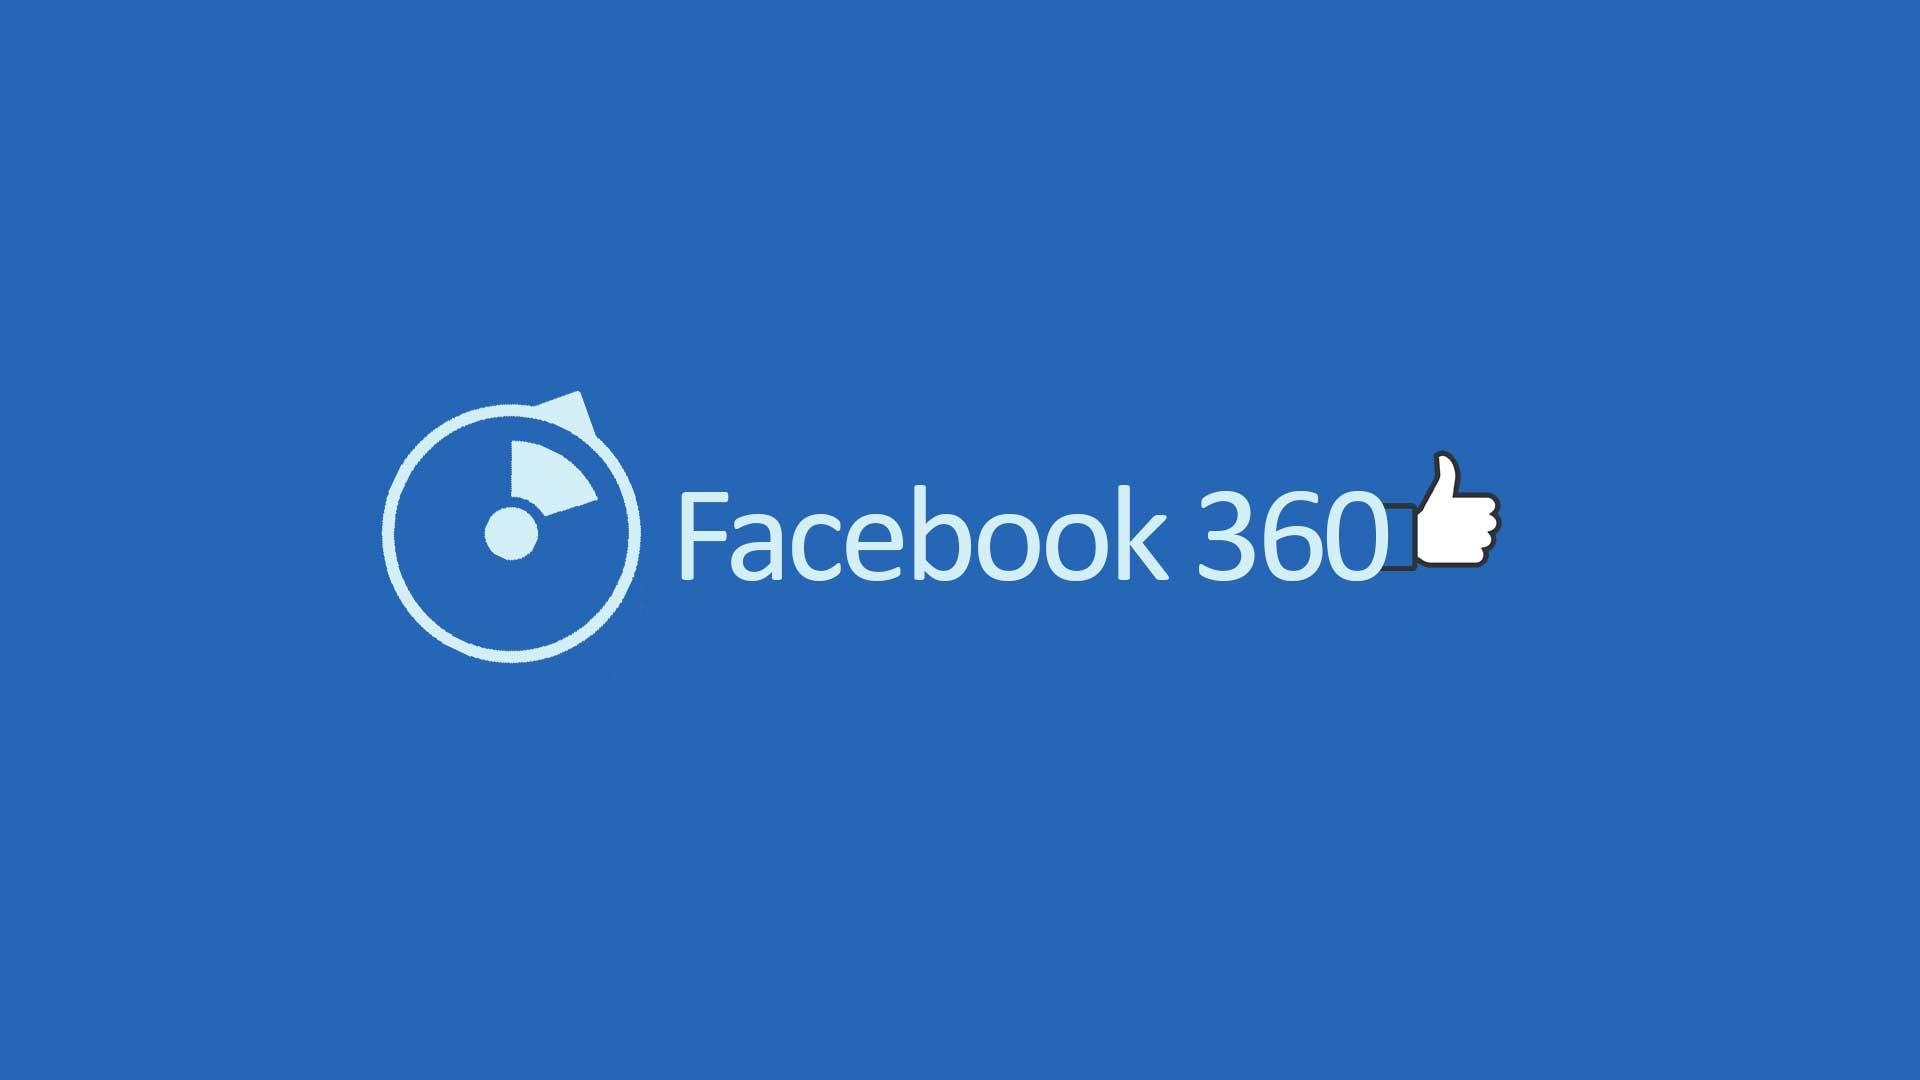 Portada-blog-como-hacer-imagenes-360-para-facebook-por-descargas360